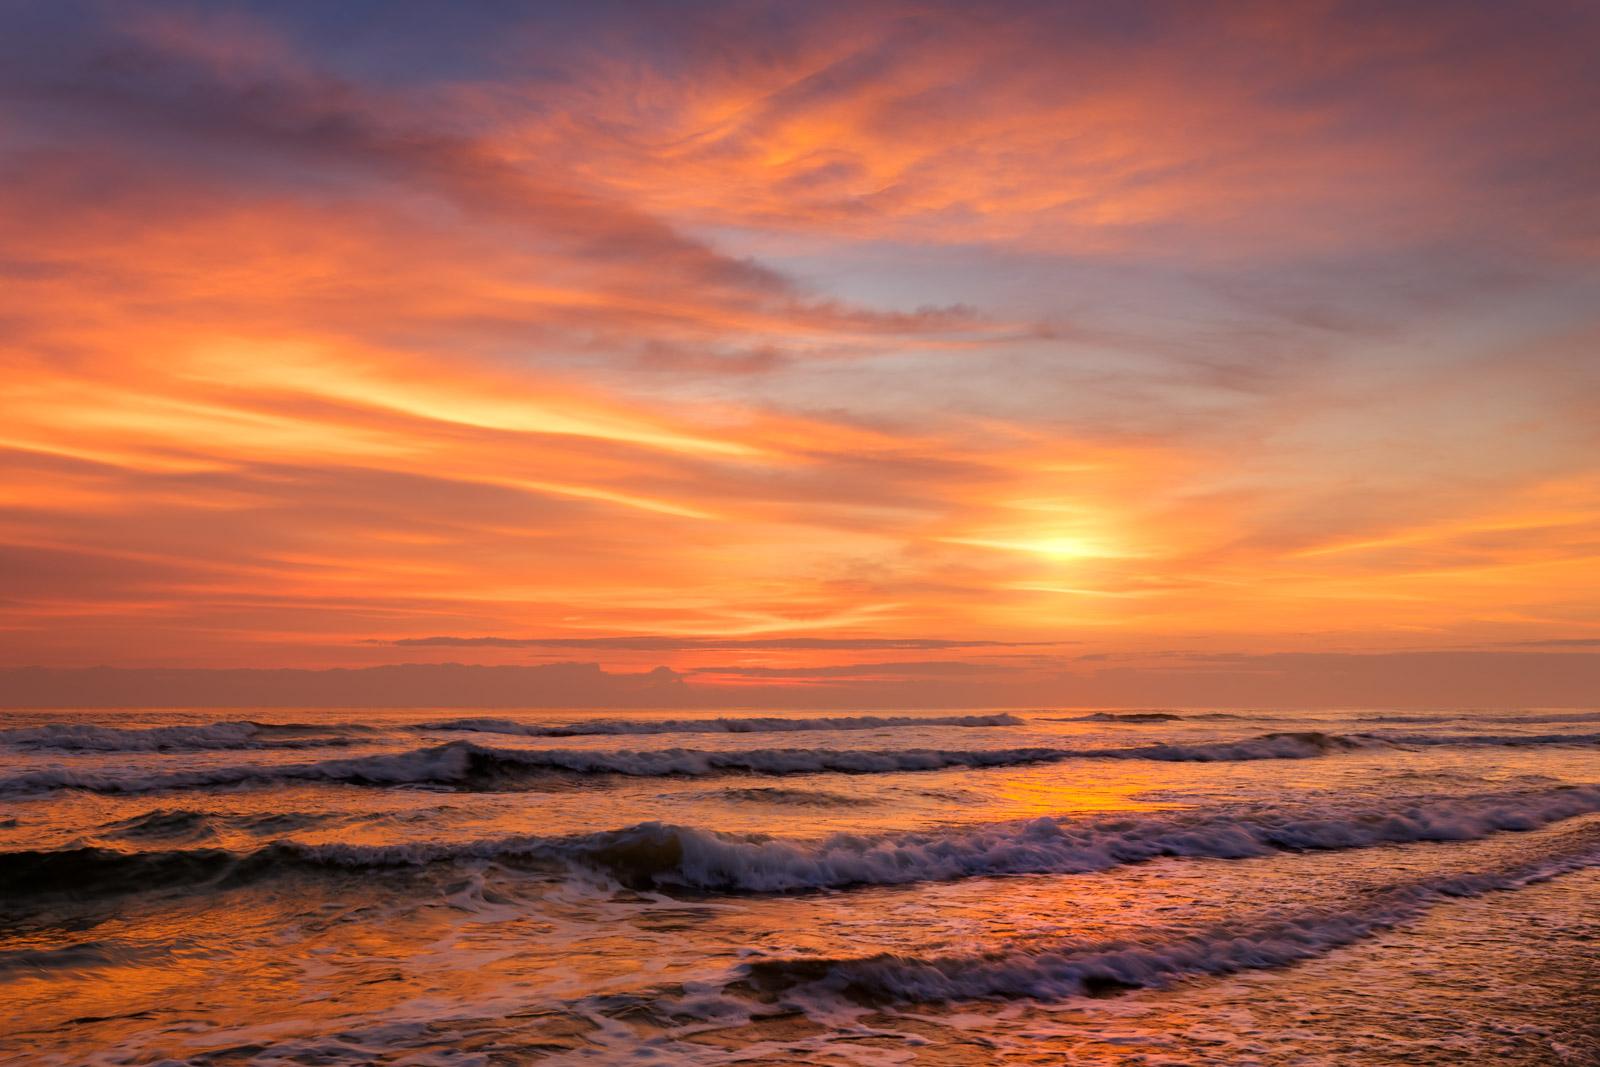 Florida, Atlantic, Coast, Sunrise, Ocean, Beach, coast, daytona beach, photo